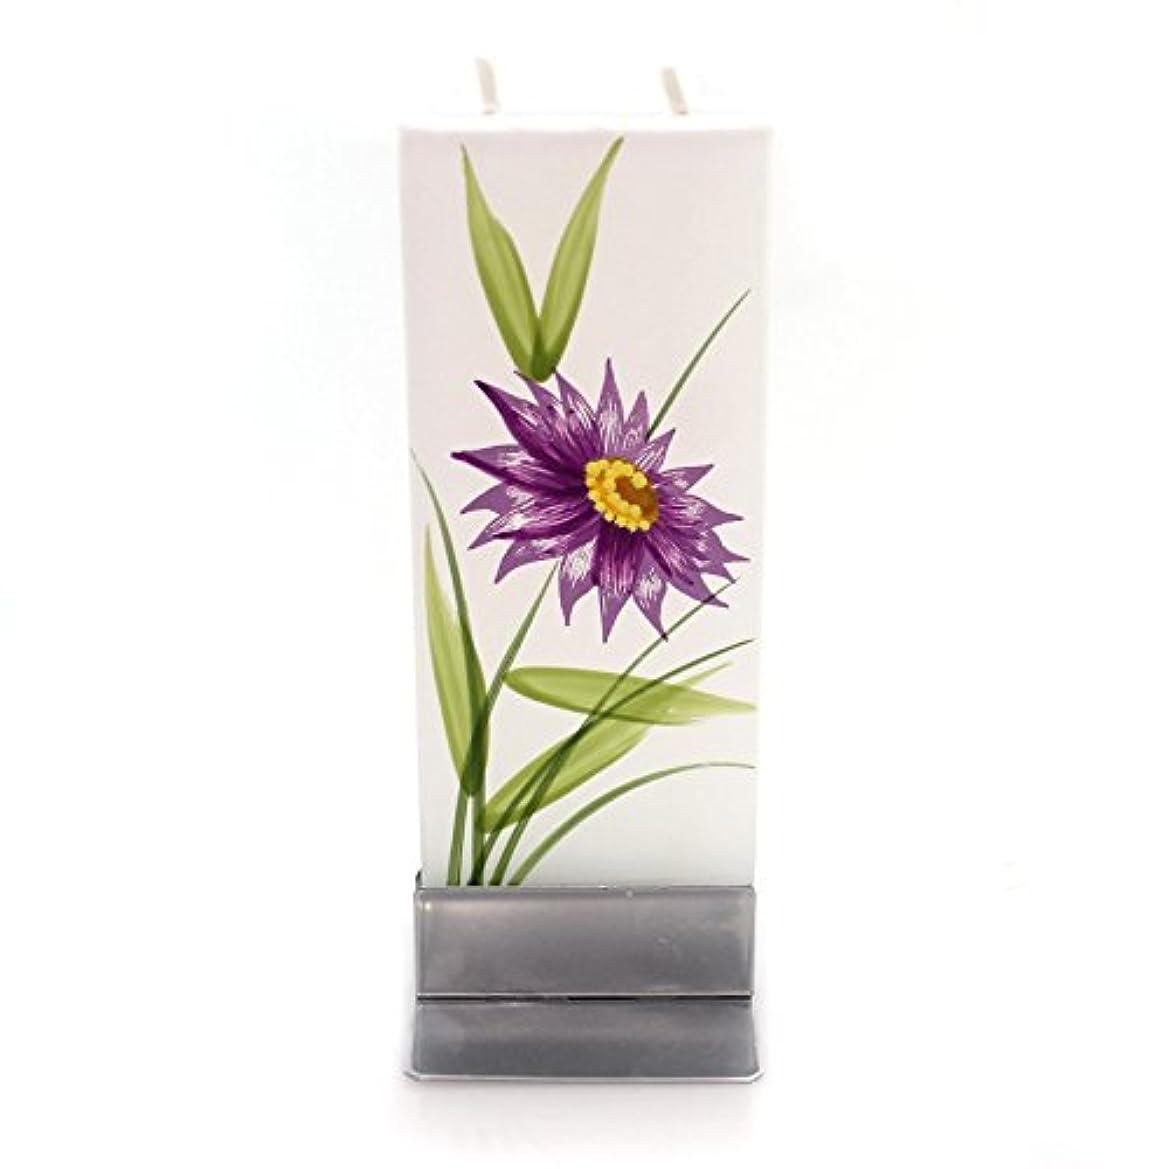 バーベキューもつれセクタホームデコレーションパープル花W /イエローCentre Dripless Fragrance Free Candle f1640